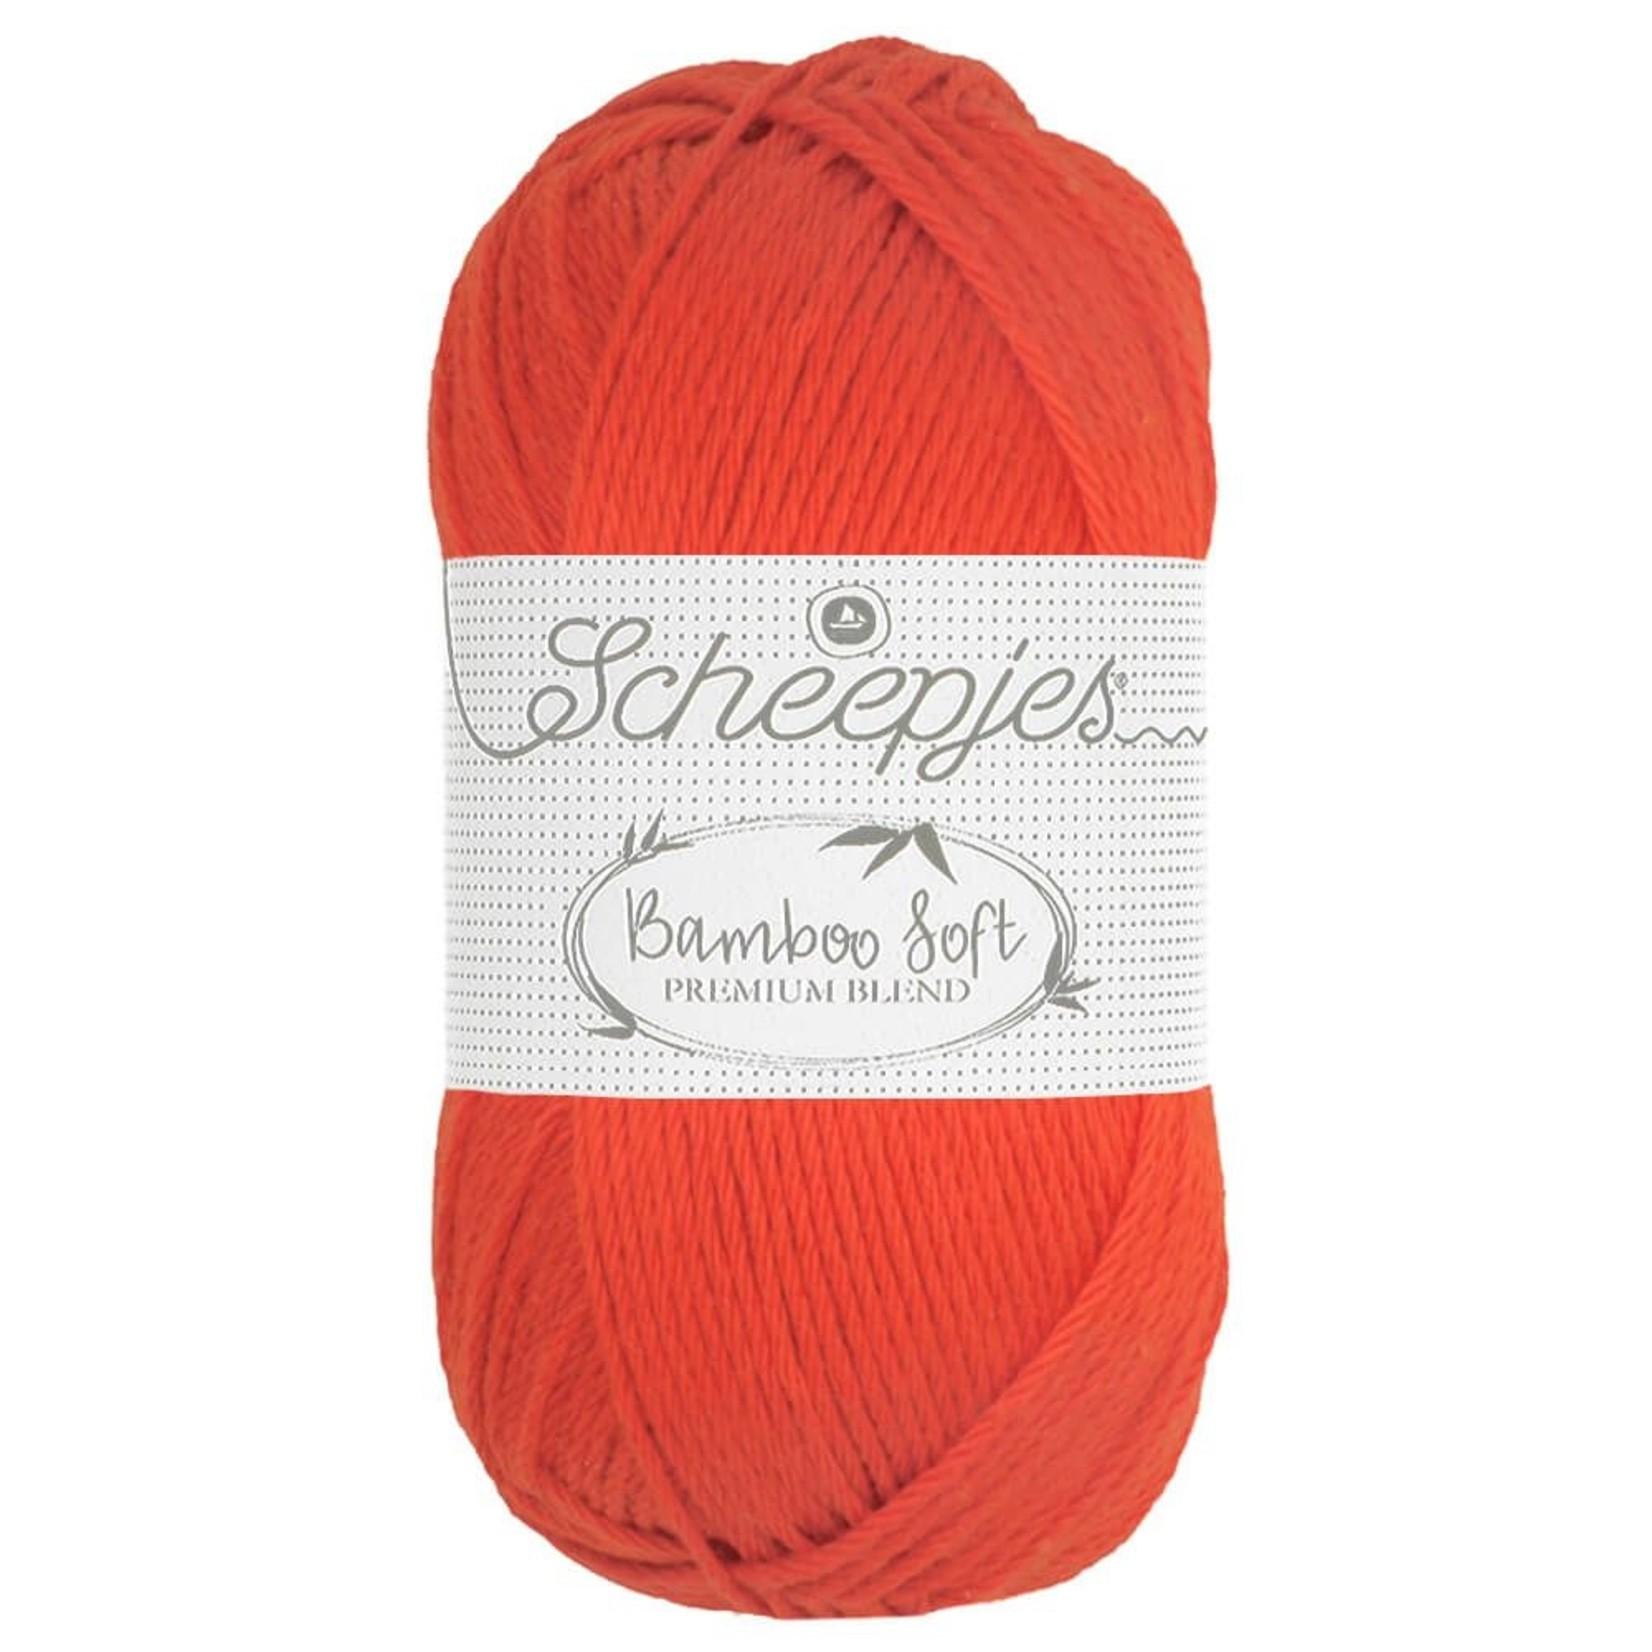 Scheepjes Scheepjes Bamboo Soft kleur 261 Regal Orange  50 gram